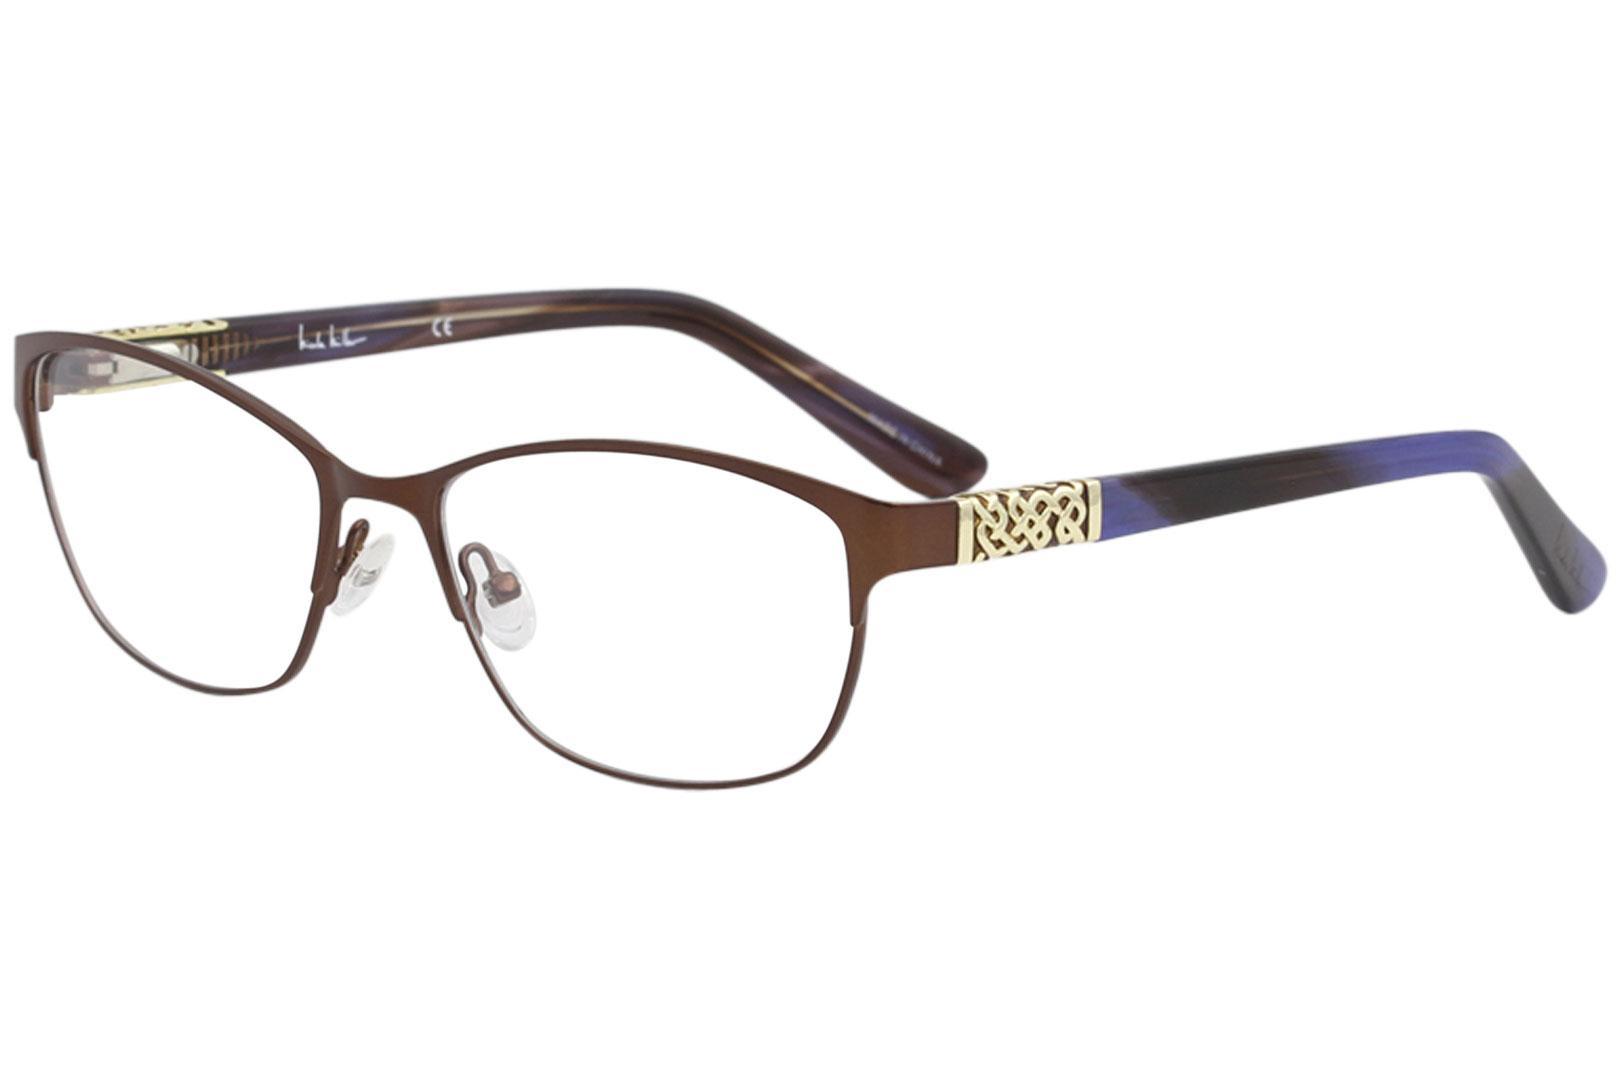 fcf4f19654 Nicole Miller Women s Chestnut Eyeglasses Full Rim Optical Frame by Nicole  Miller. 12345